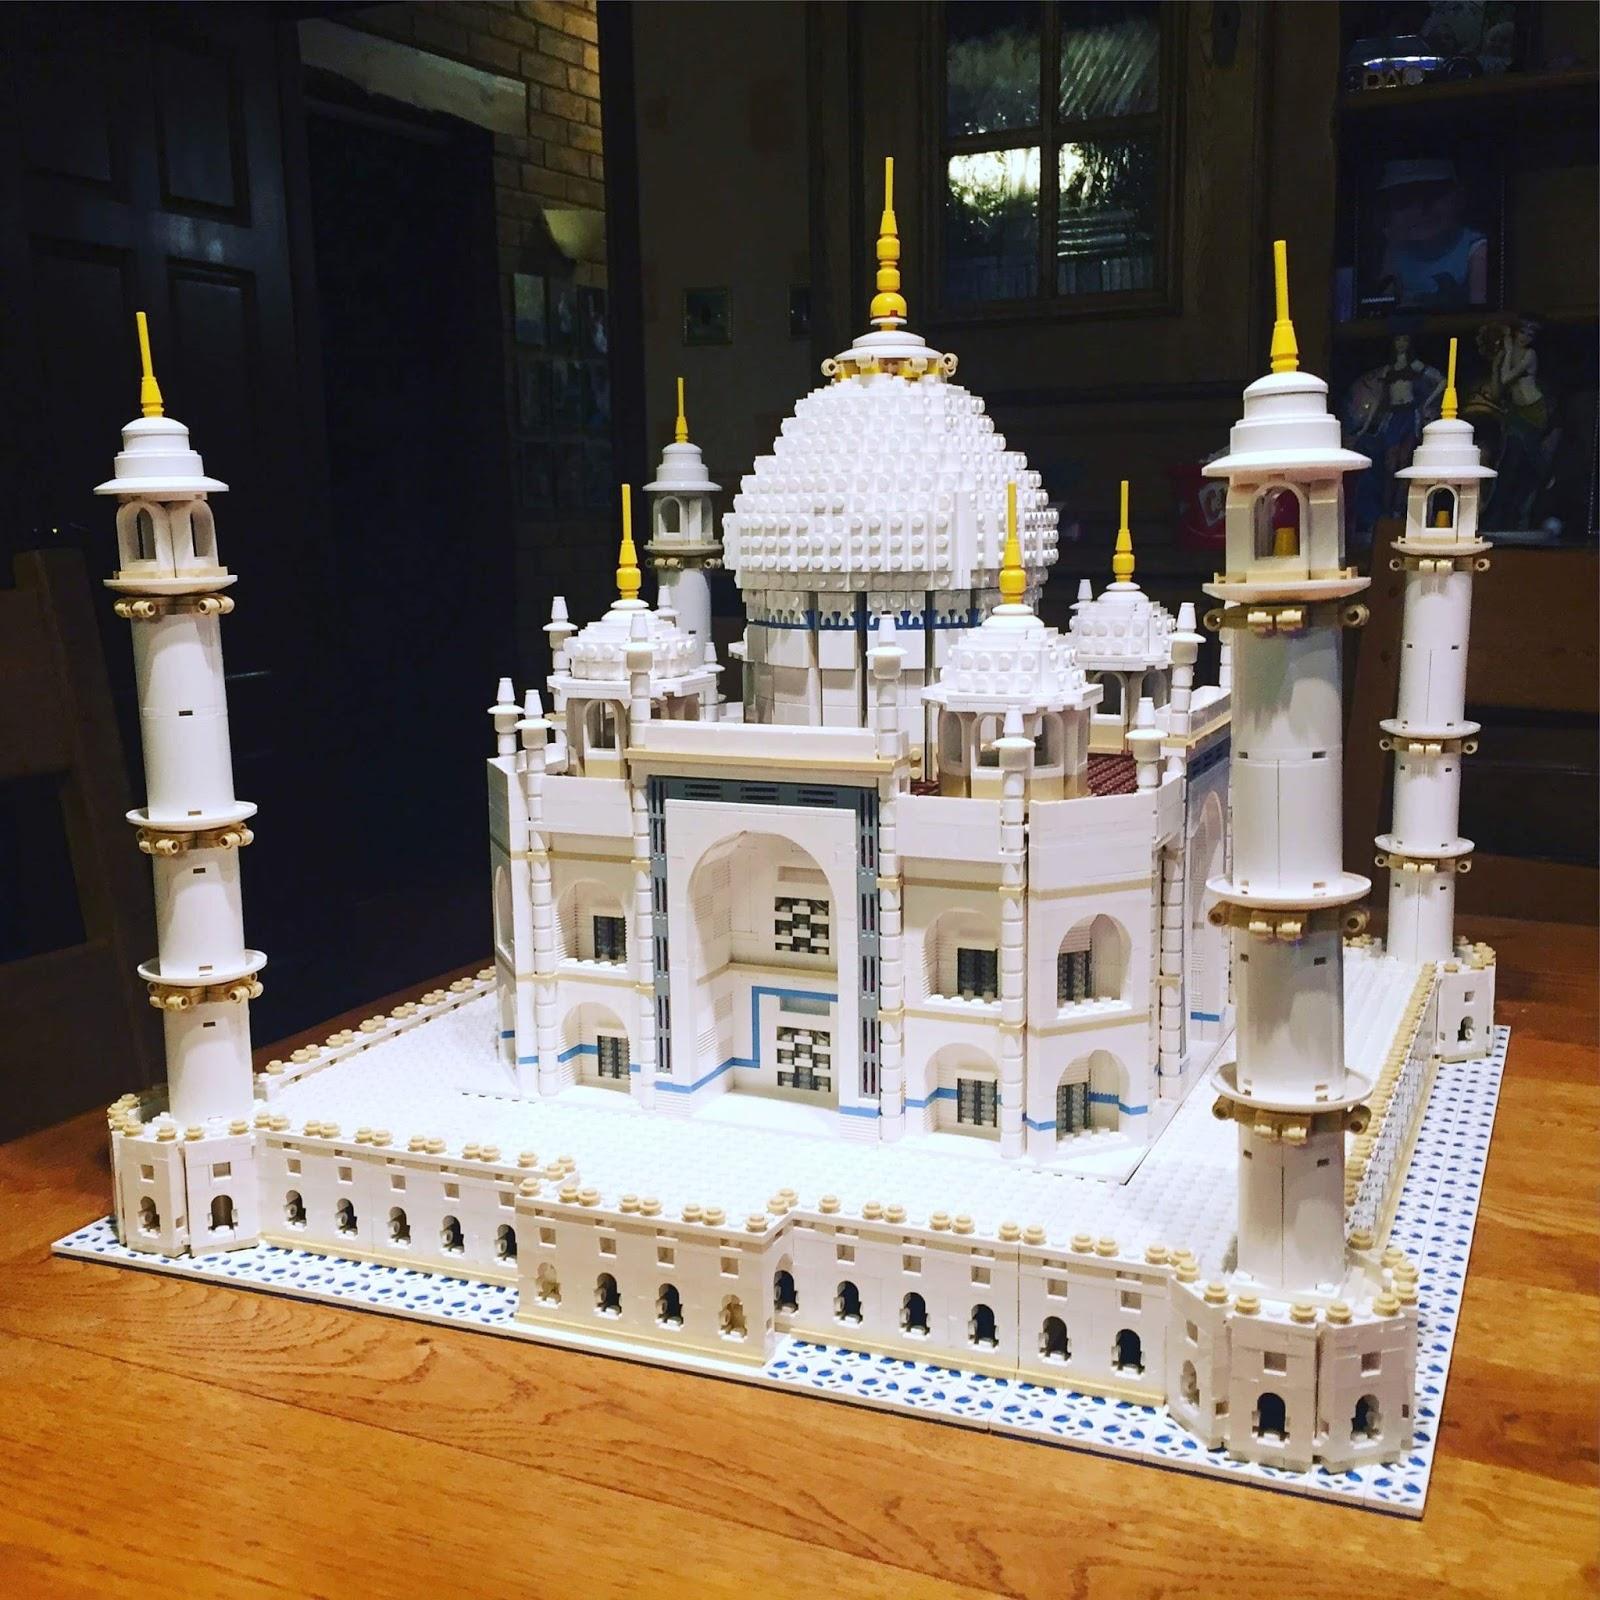 Building Lego Taj Mahal 10189 | Morgan's Milieu